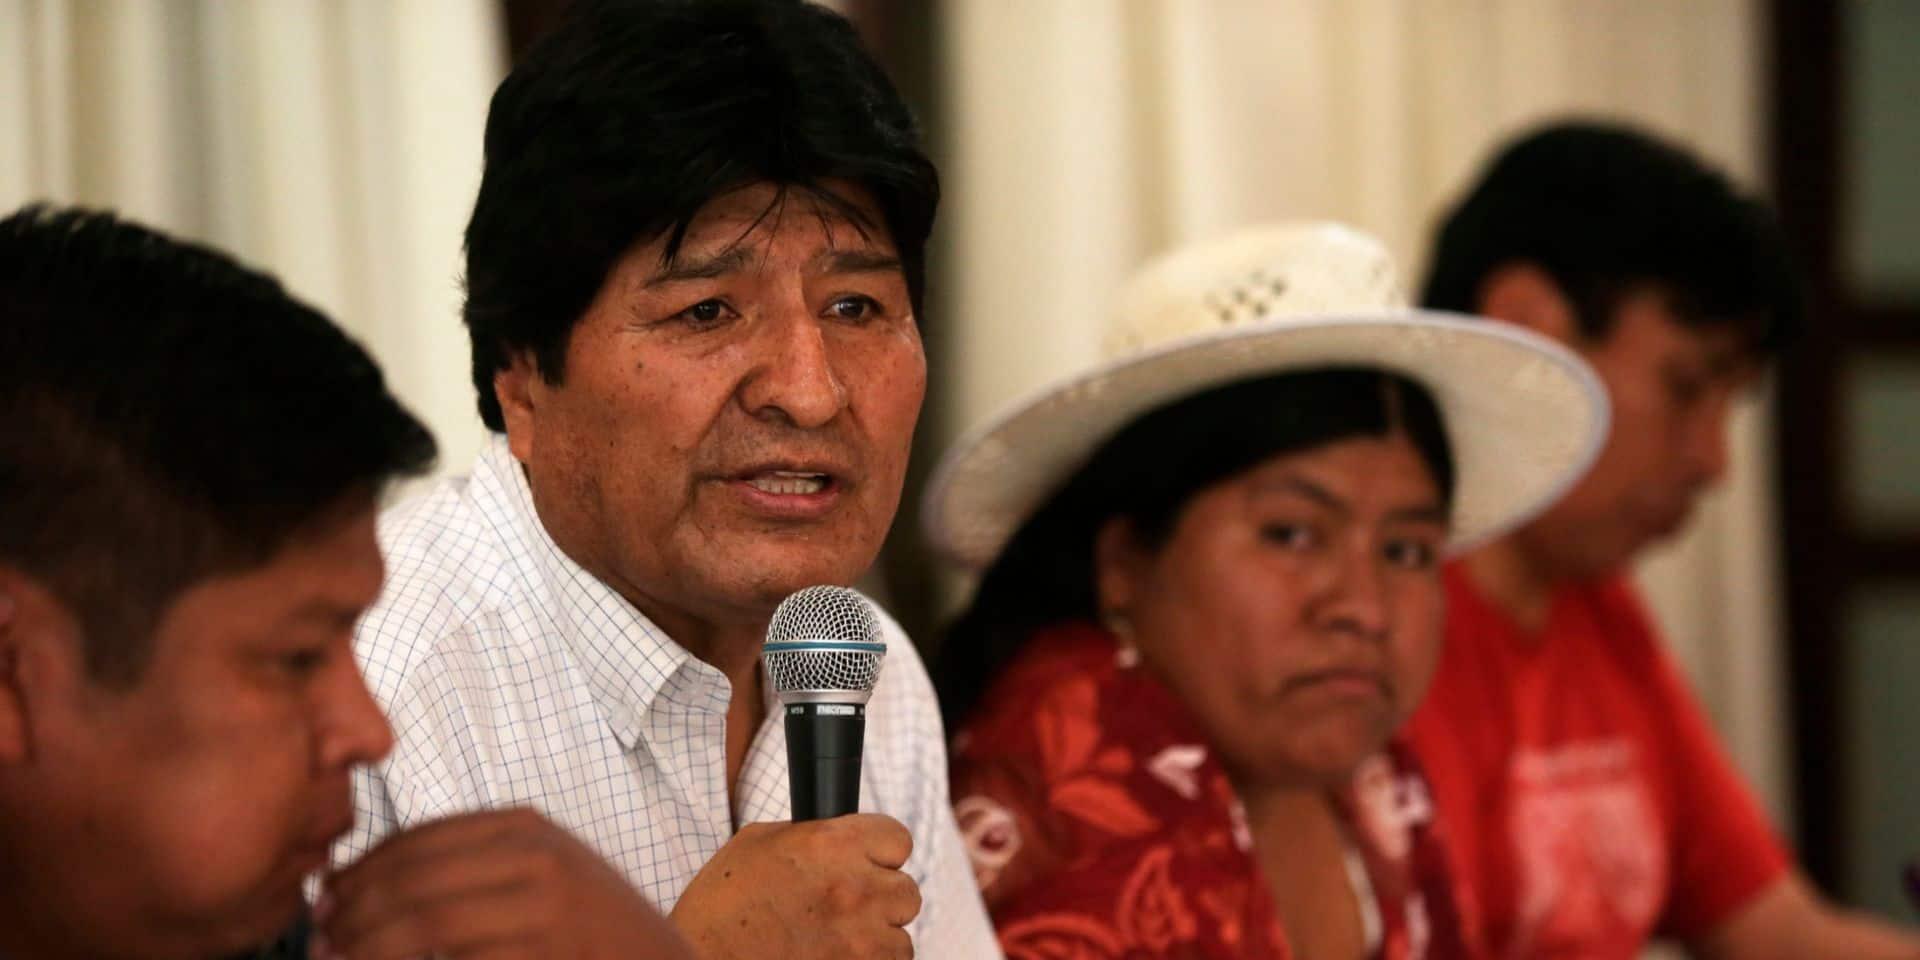 Bolivie: le gouvernement accuse Evo Morales d'avoir eu une liaison avec une mineure